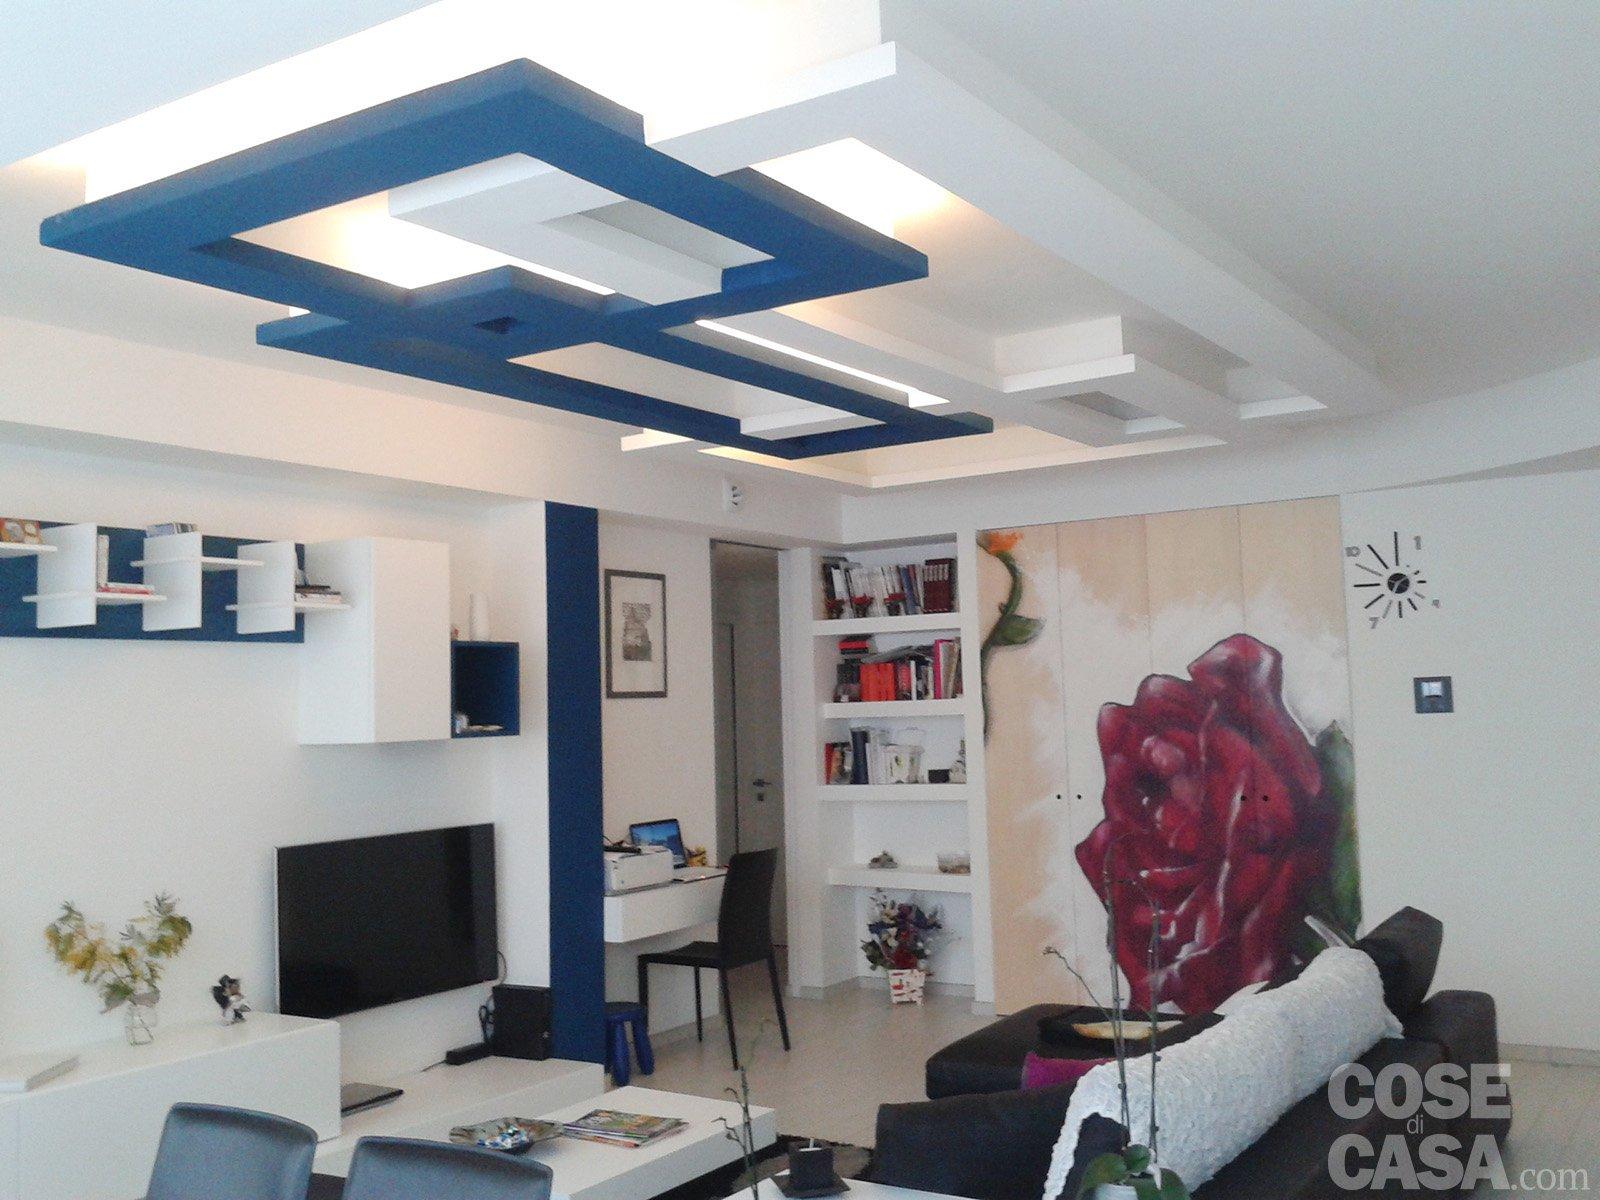 Una casa con giochi di luce: soluzioni d'arredamento e finiture personalizzate - Cose di Casa